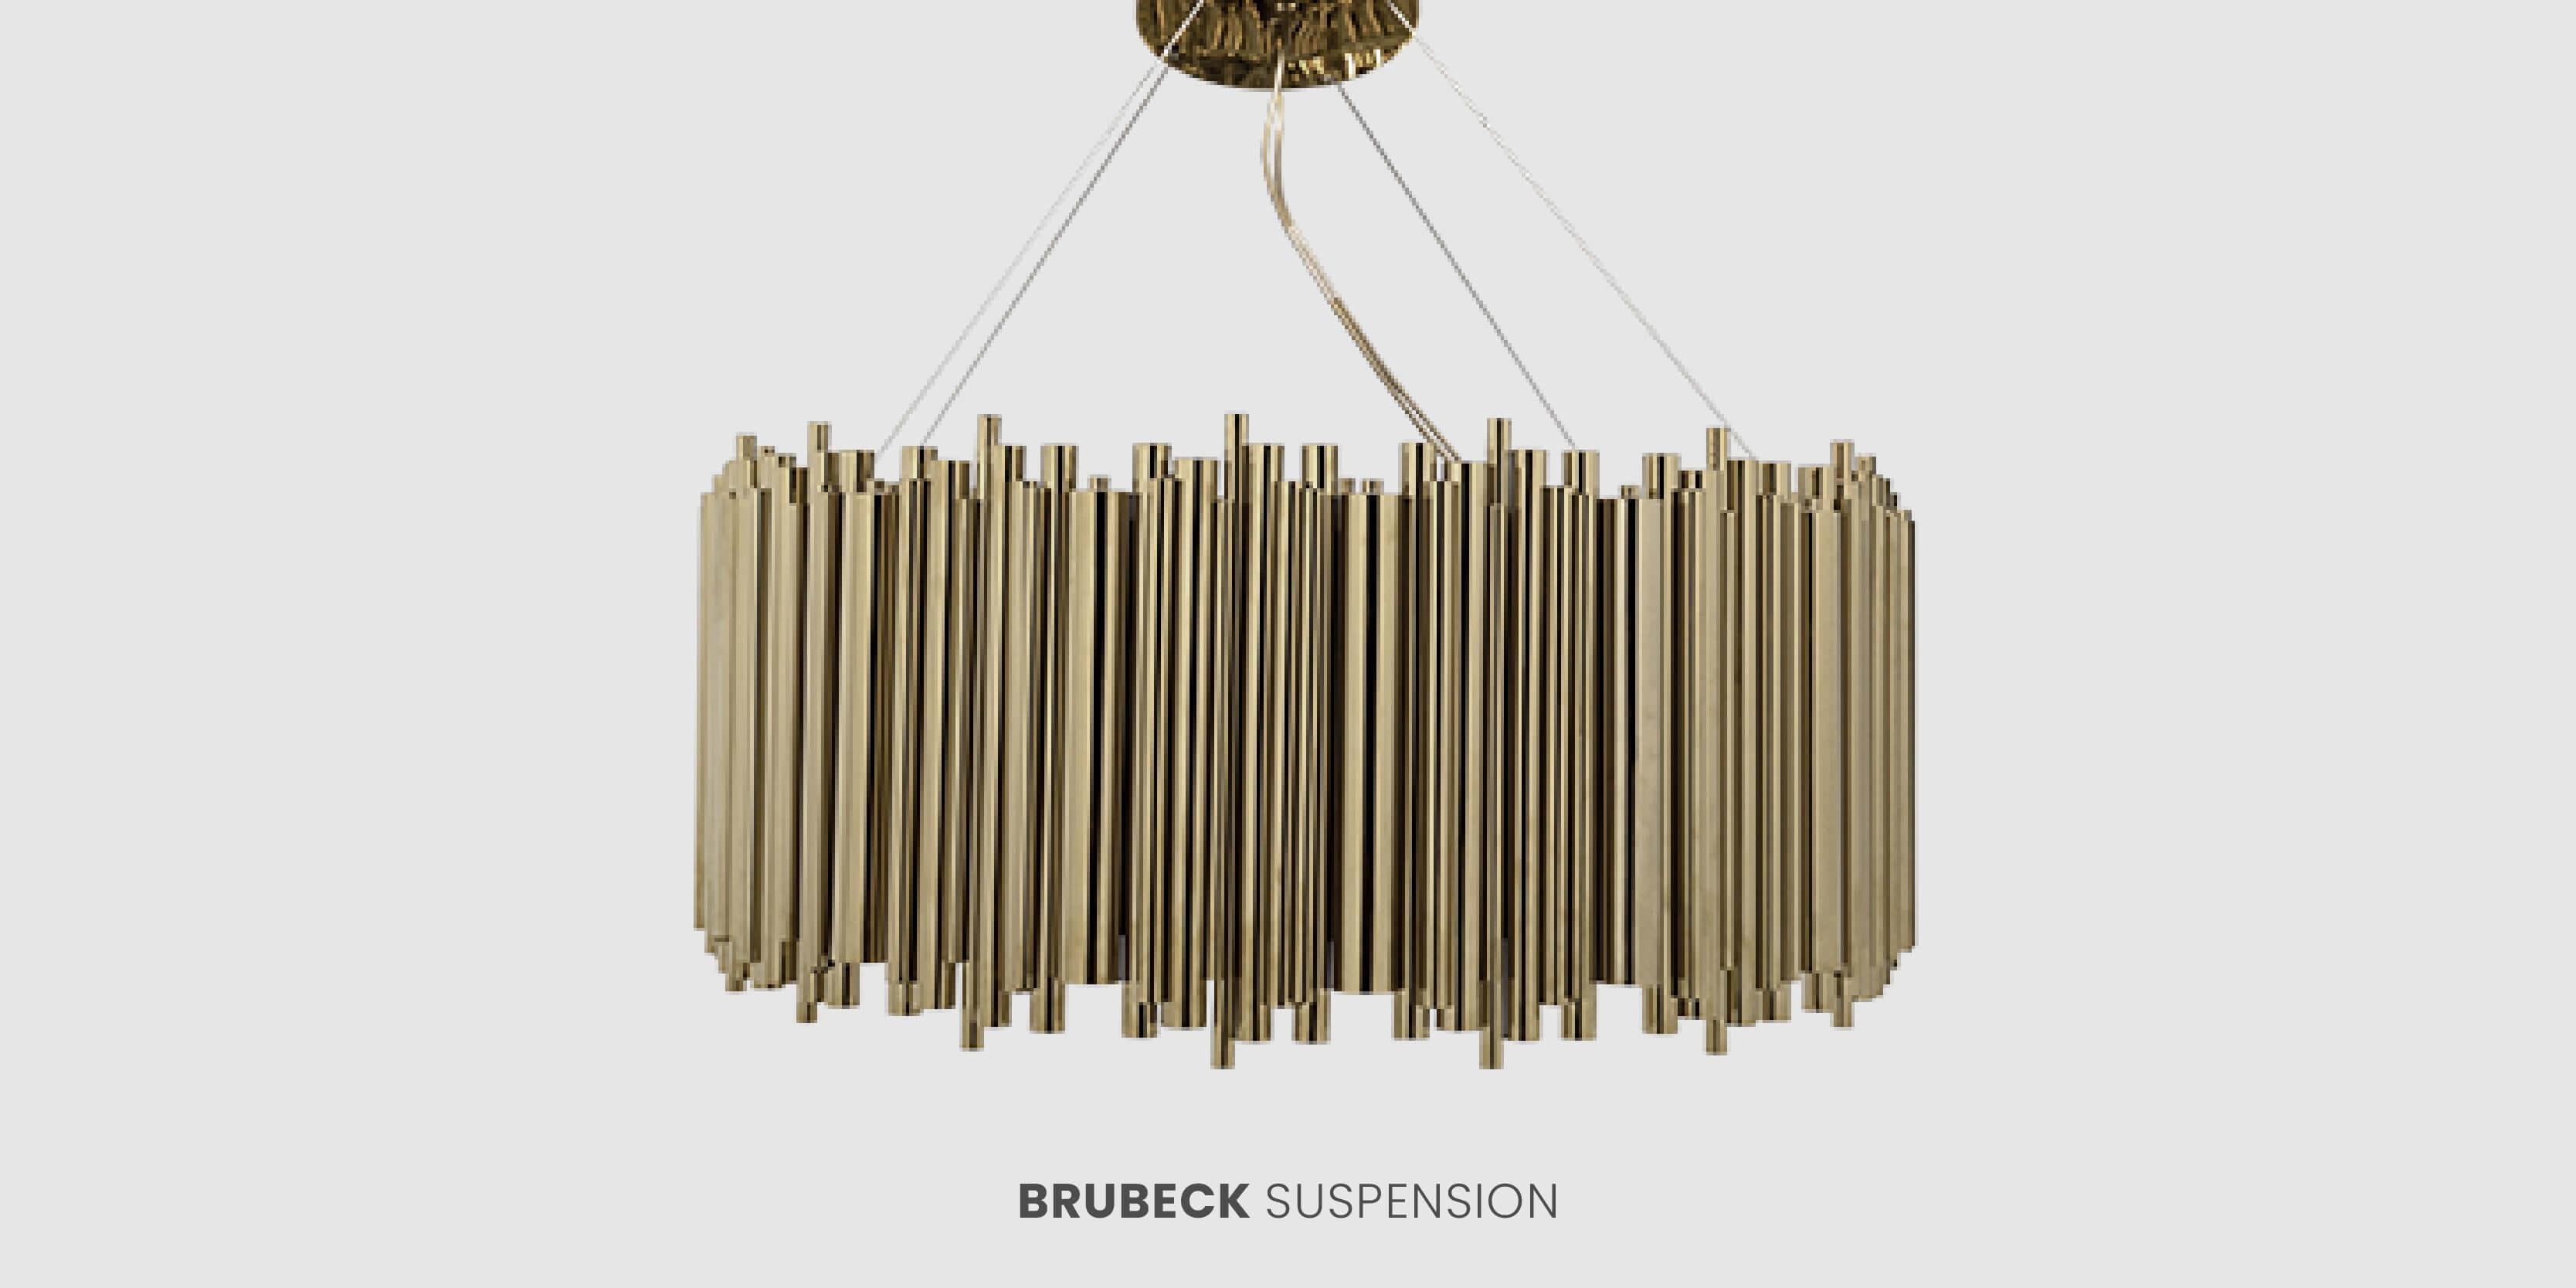 Brubeck Suspension